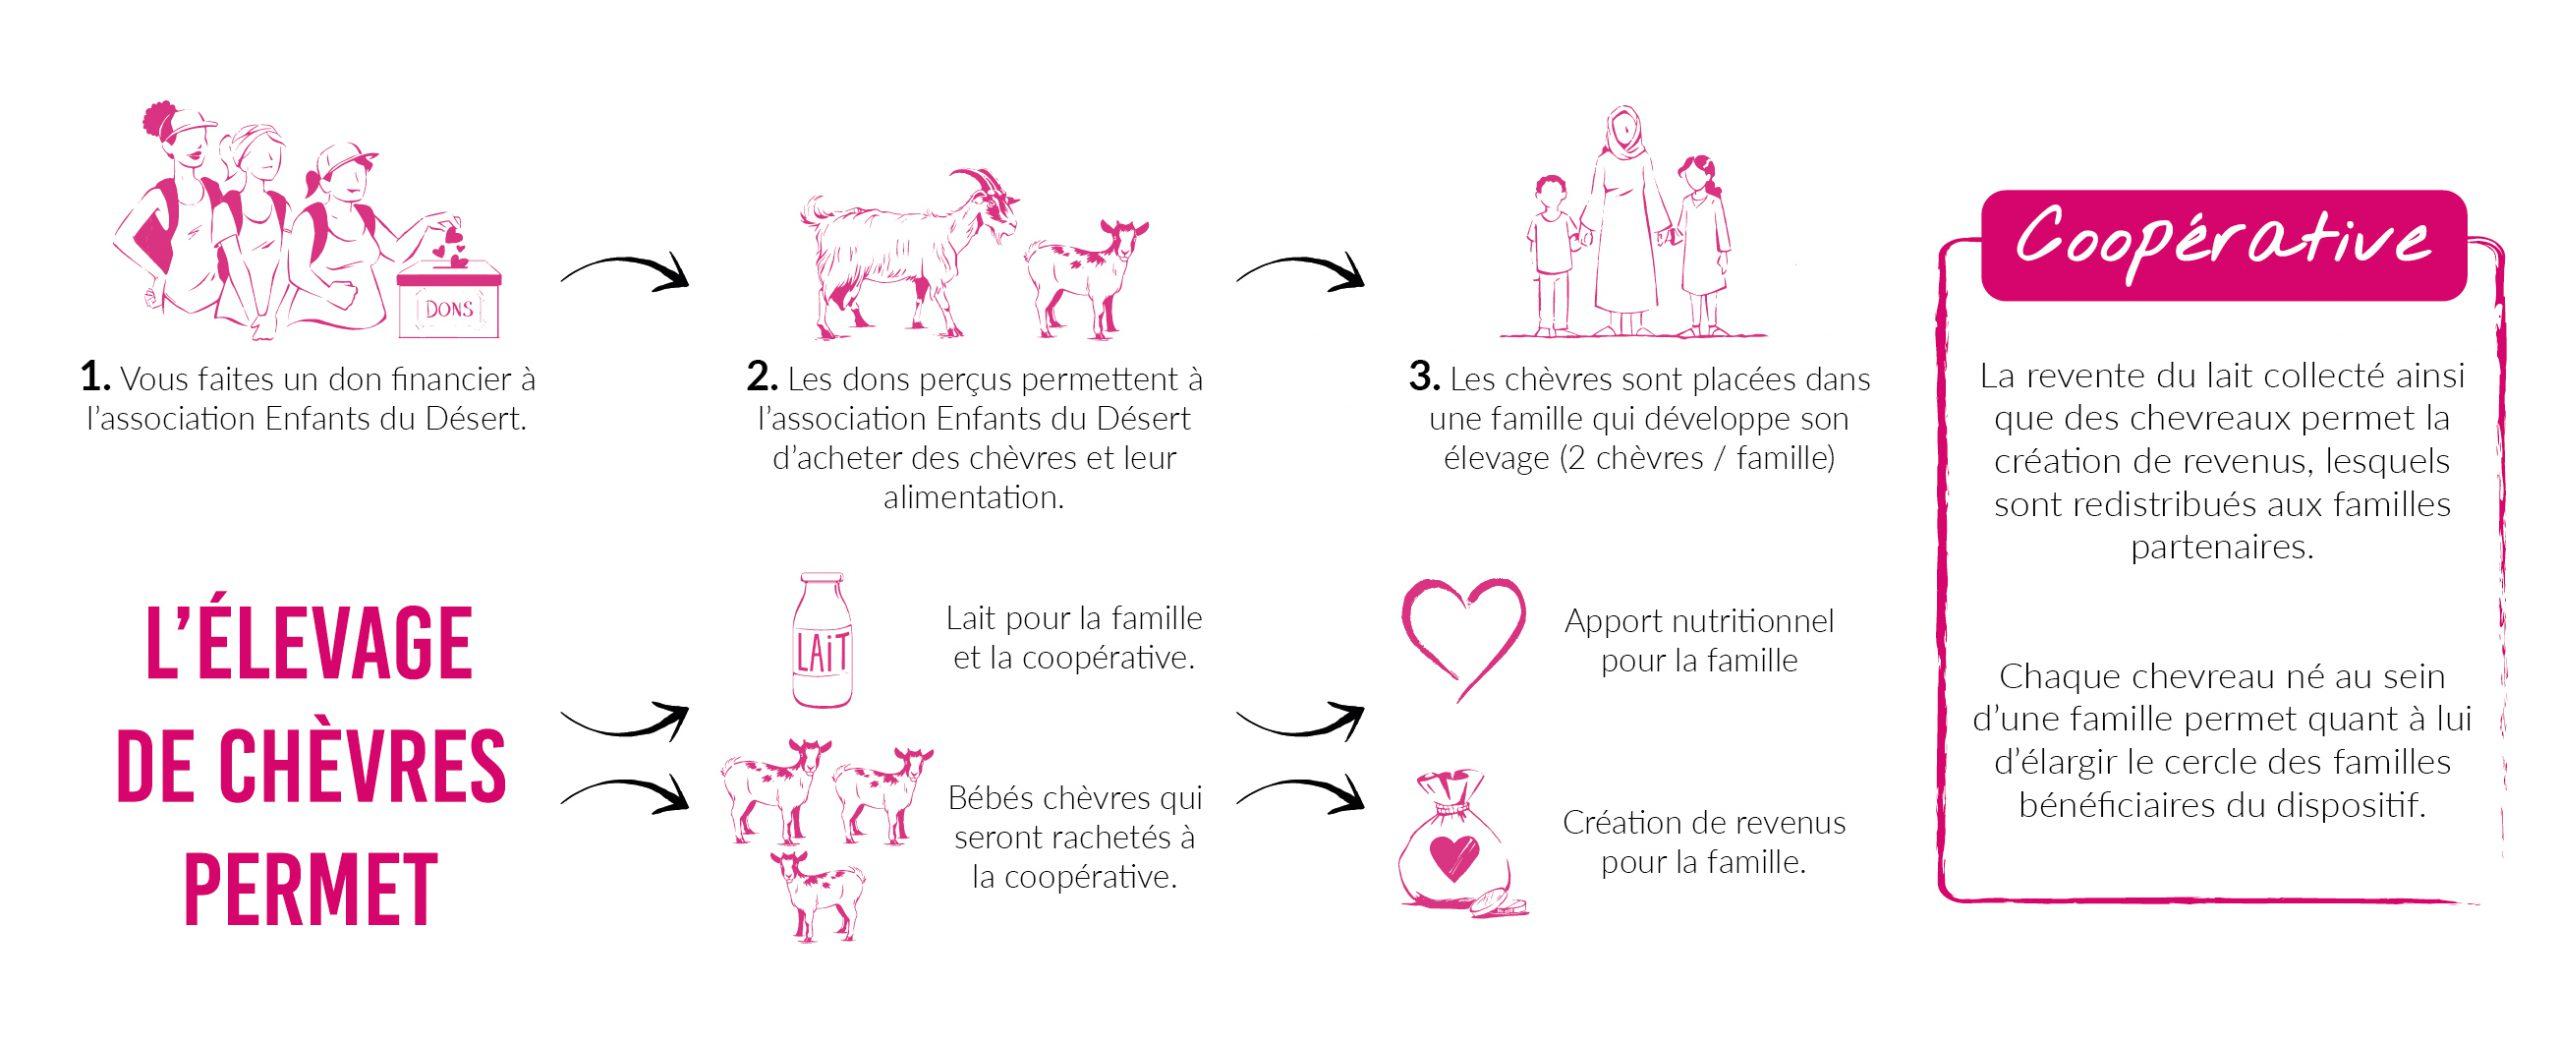 Rose Trip Maroc : schéma du projet solidaire